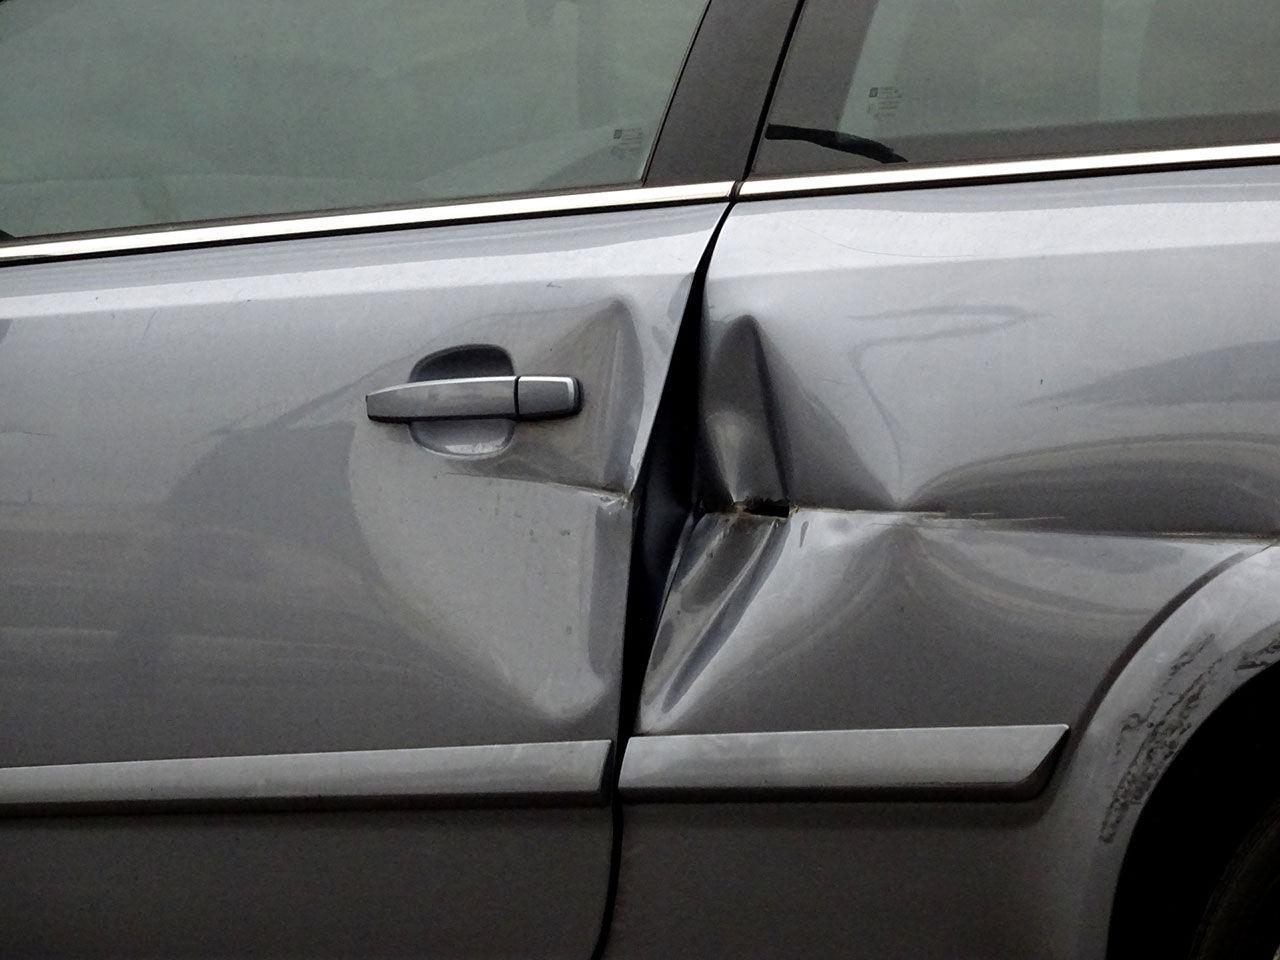 Treåring repade tio stycken bilar hos återförsäljare